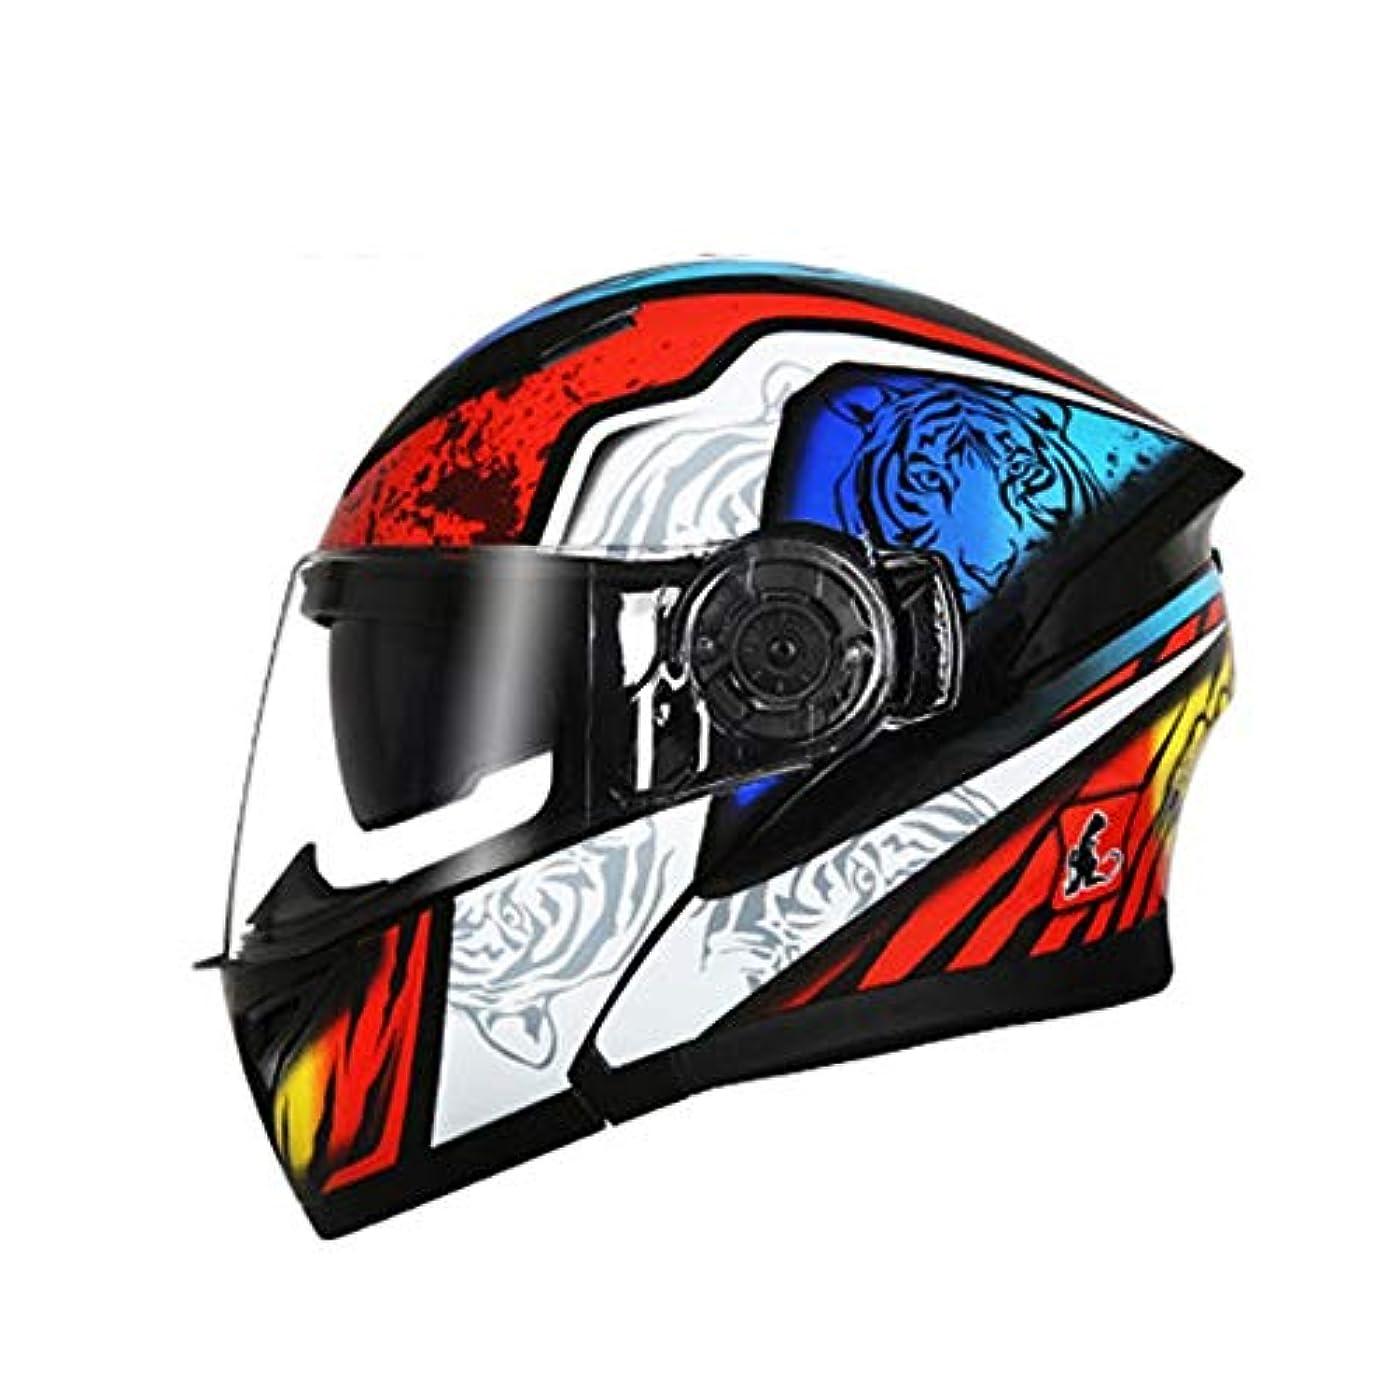 論争霧ヒューマニスティックHYH Bluetoothヘルメットダブルレンズ電動オートバイの男性と女性の四季の普遍的なオープンフェイスヘルメットフルヘルメットヘルメット - 白赤青/人格パターン - 大 いい人生 (Size : L)